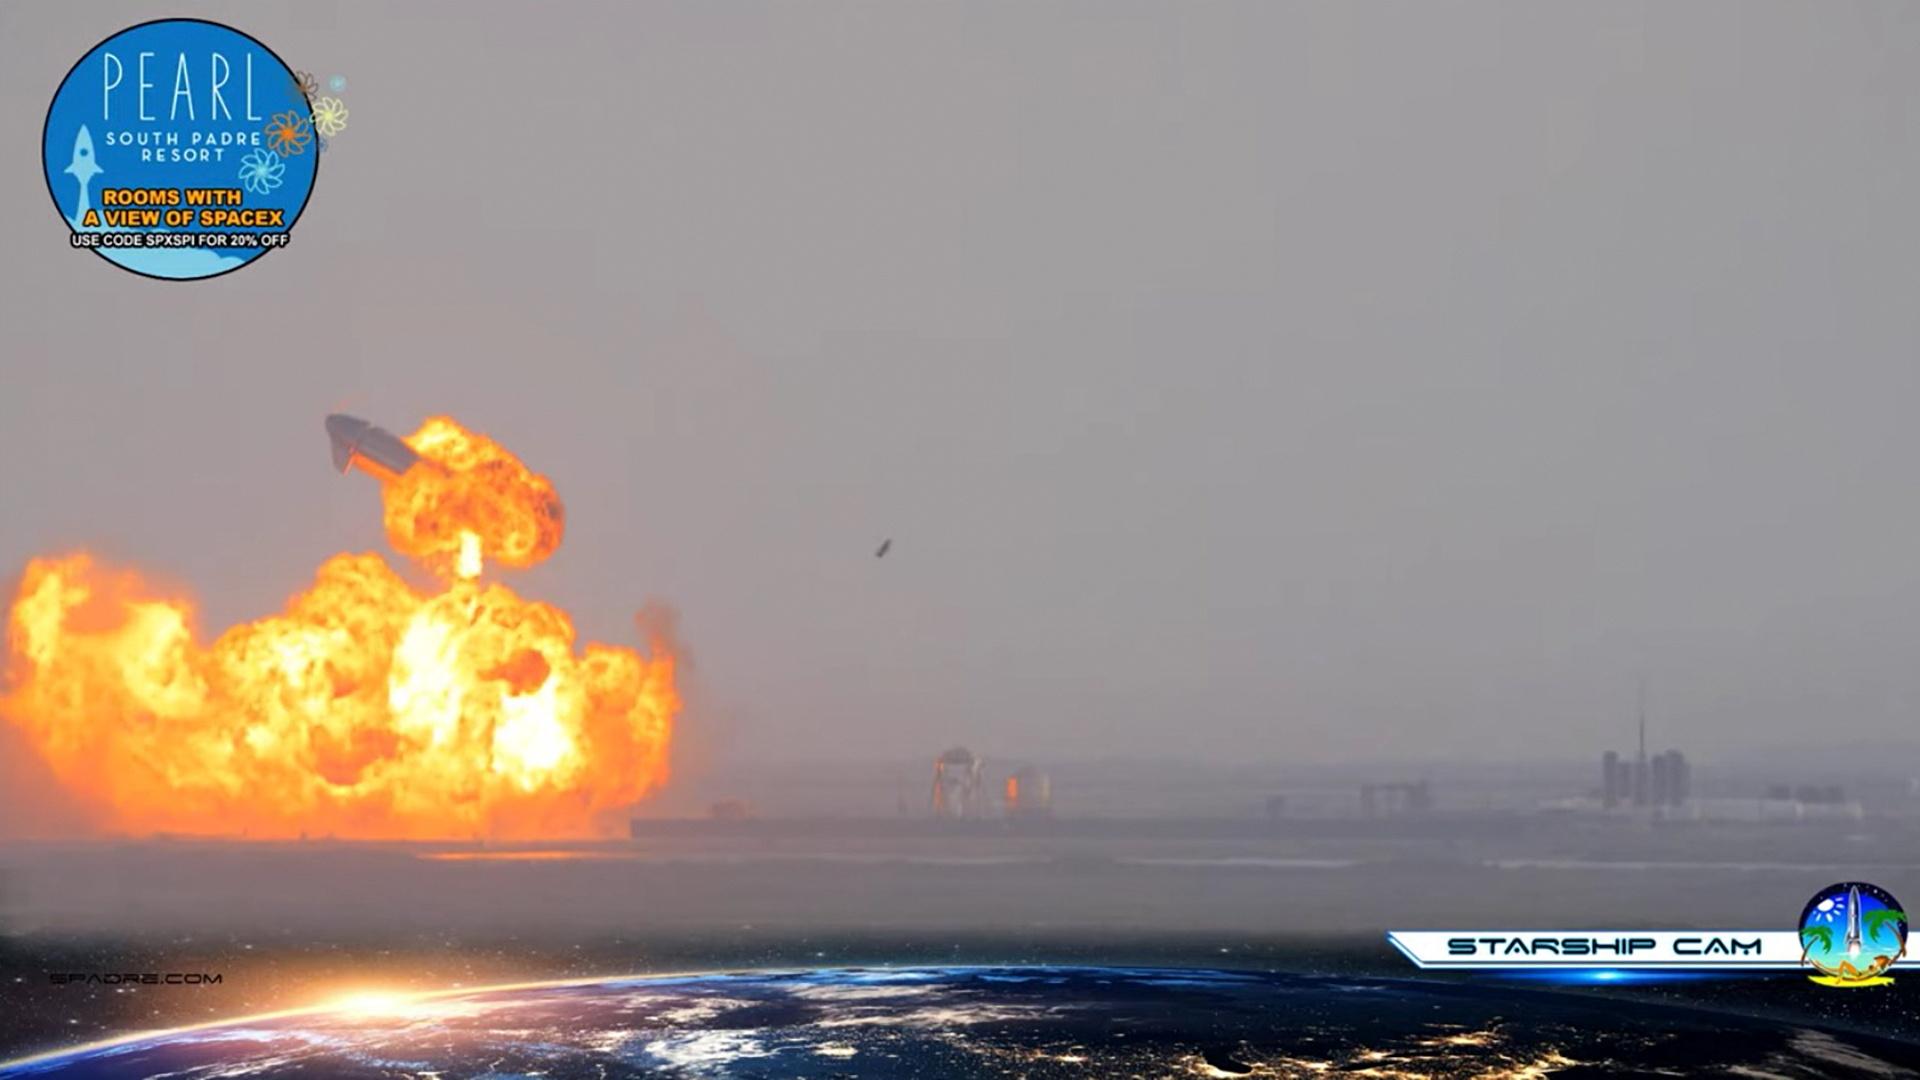 Le prototype Starship de SpaceX réussit son atterrissage, puis explose